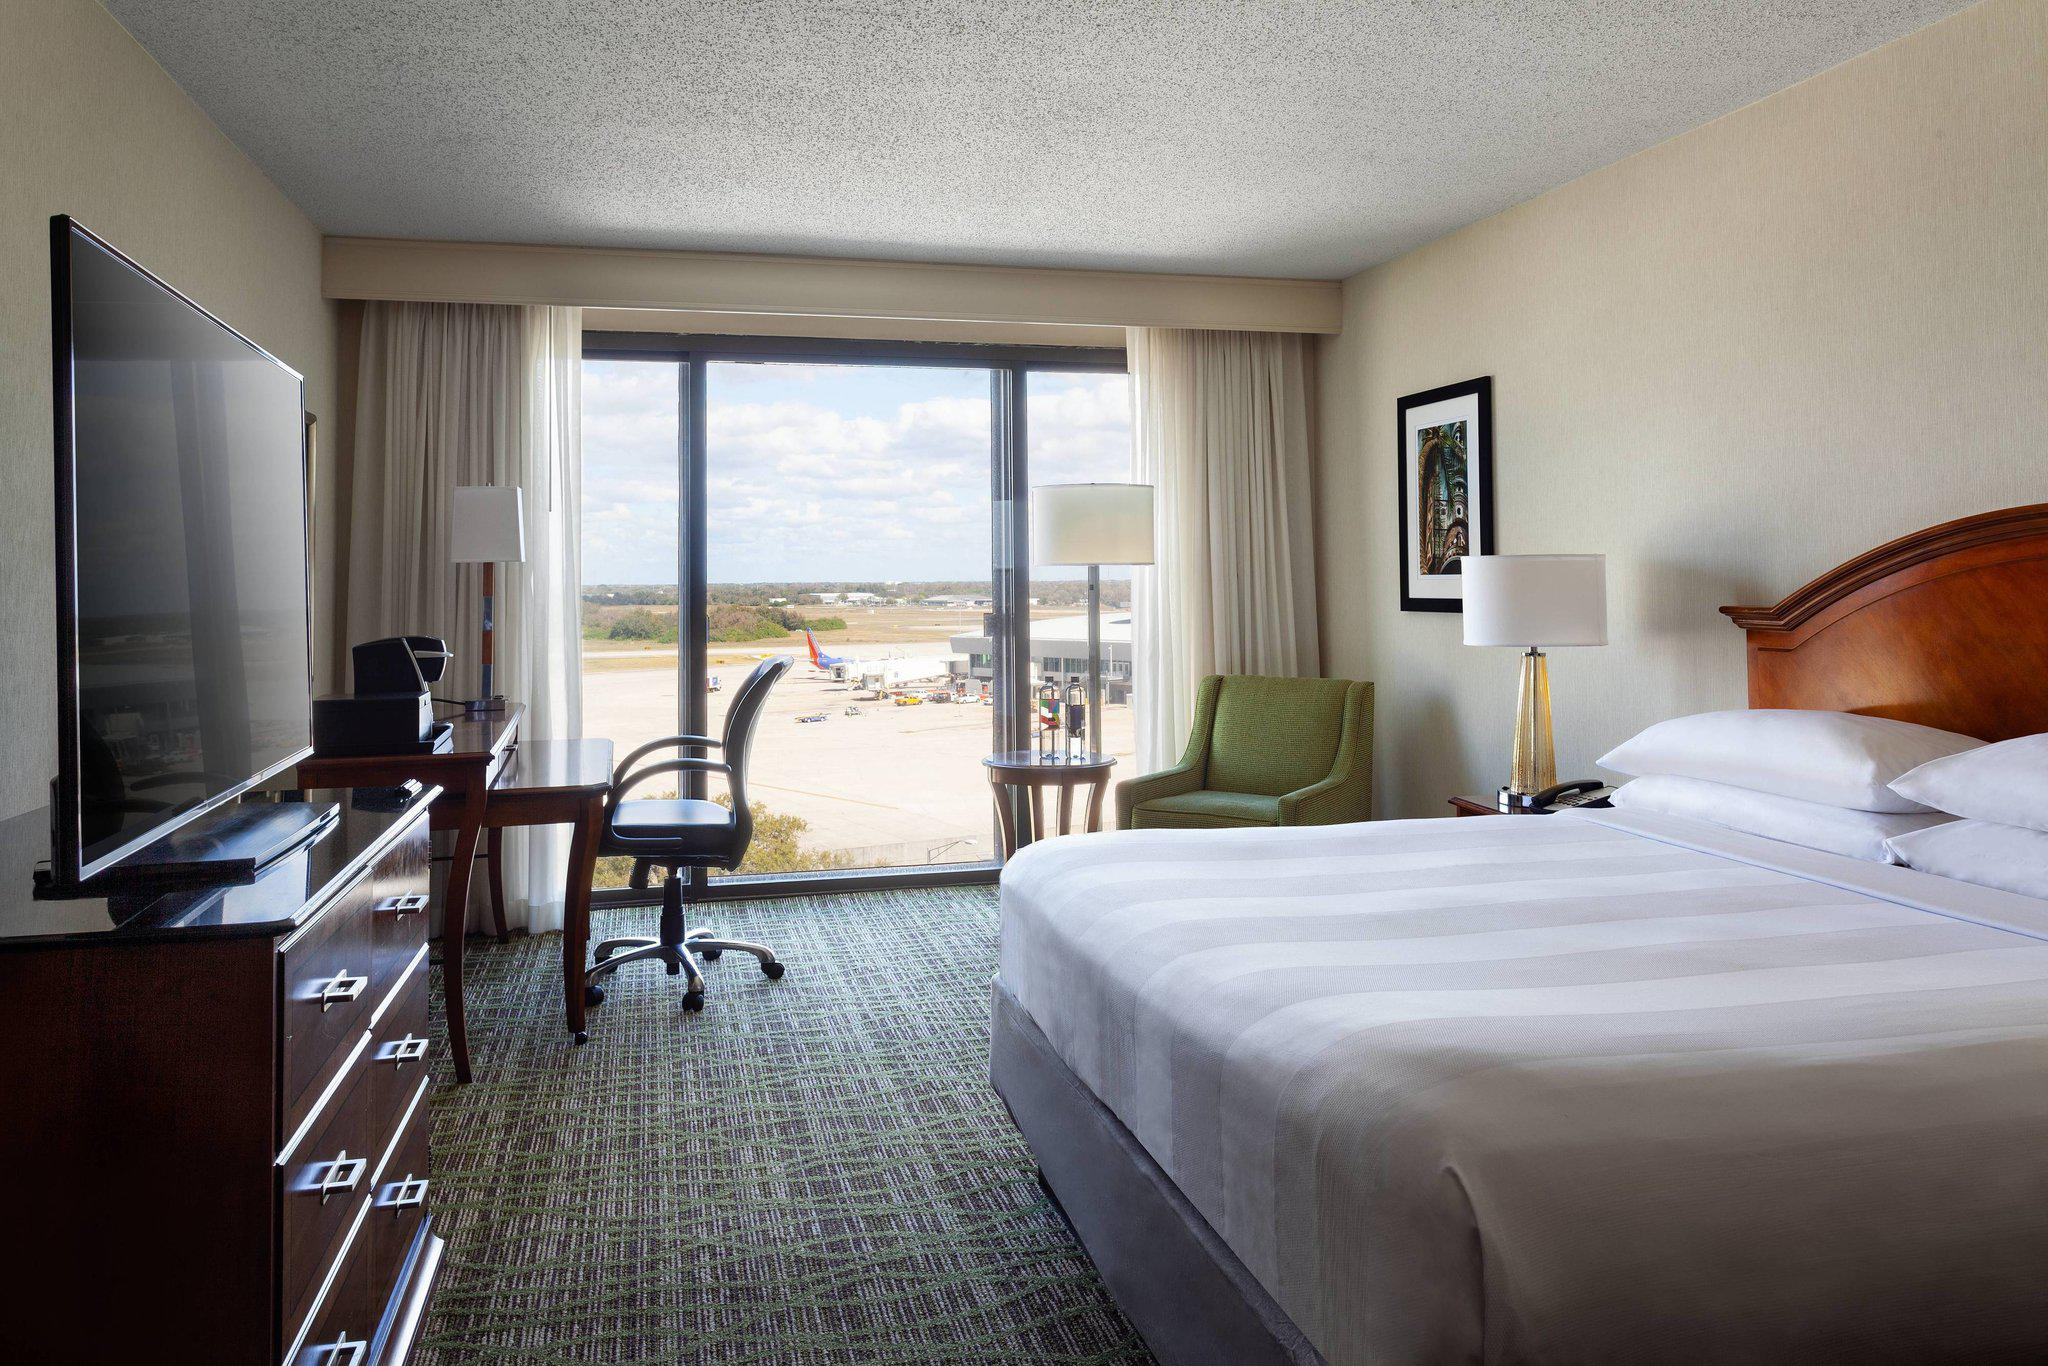 Tampa Airport Marriott